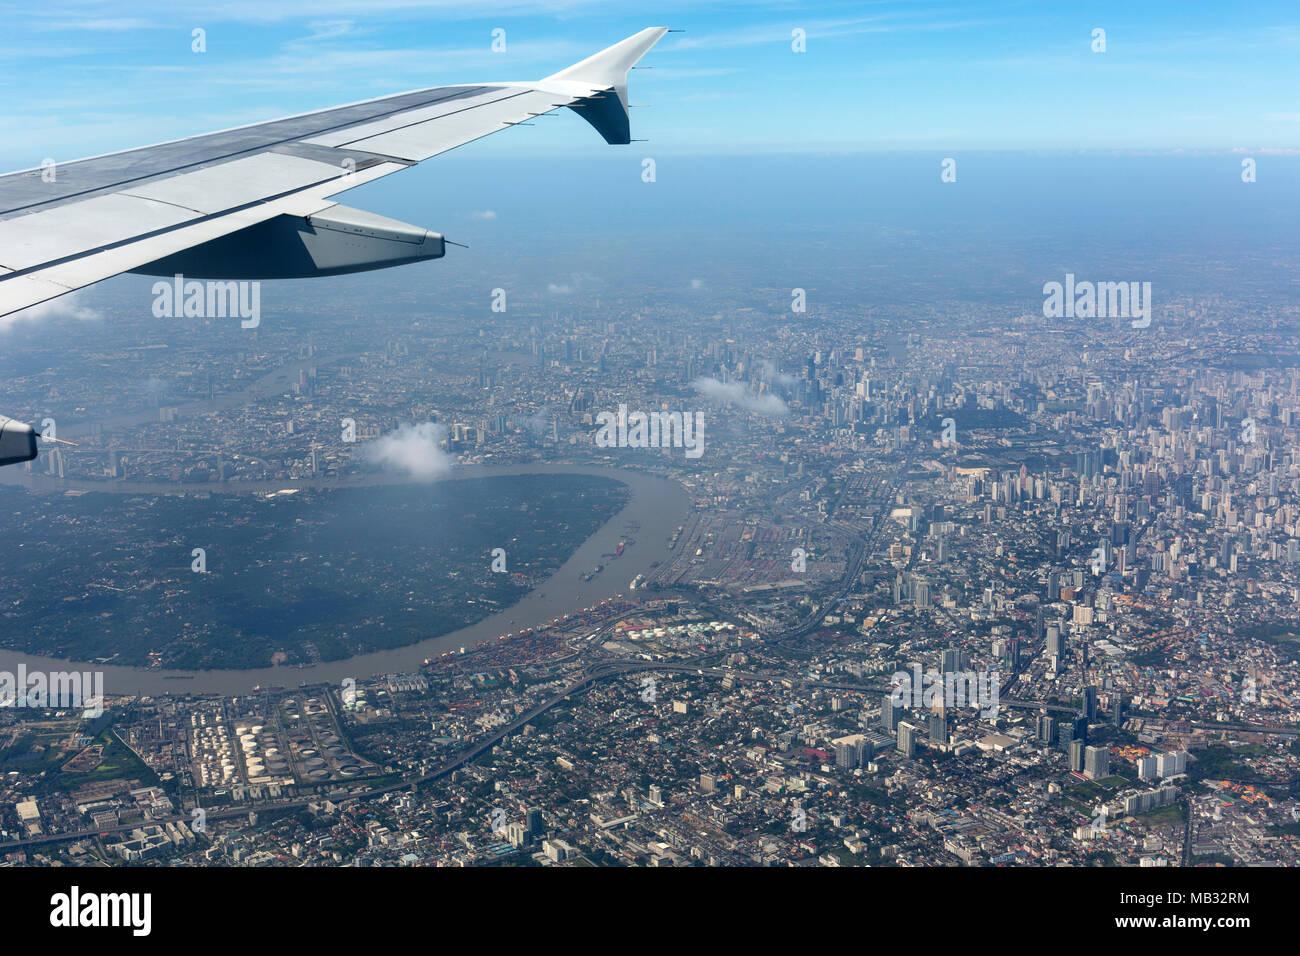 Blick Aus Dem Flugzeug Mit Flügel Auf Stadtzentrum Luftaufnahme